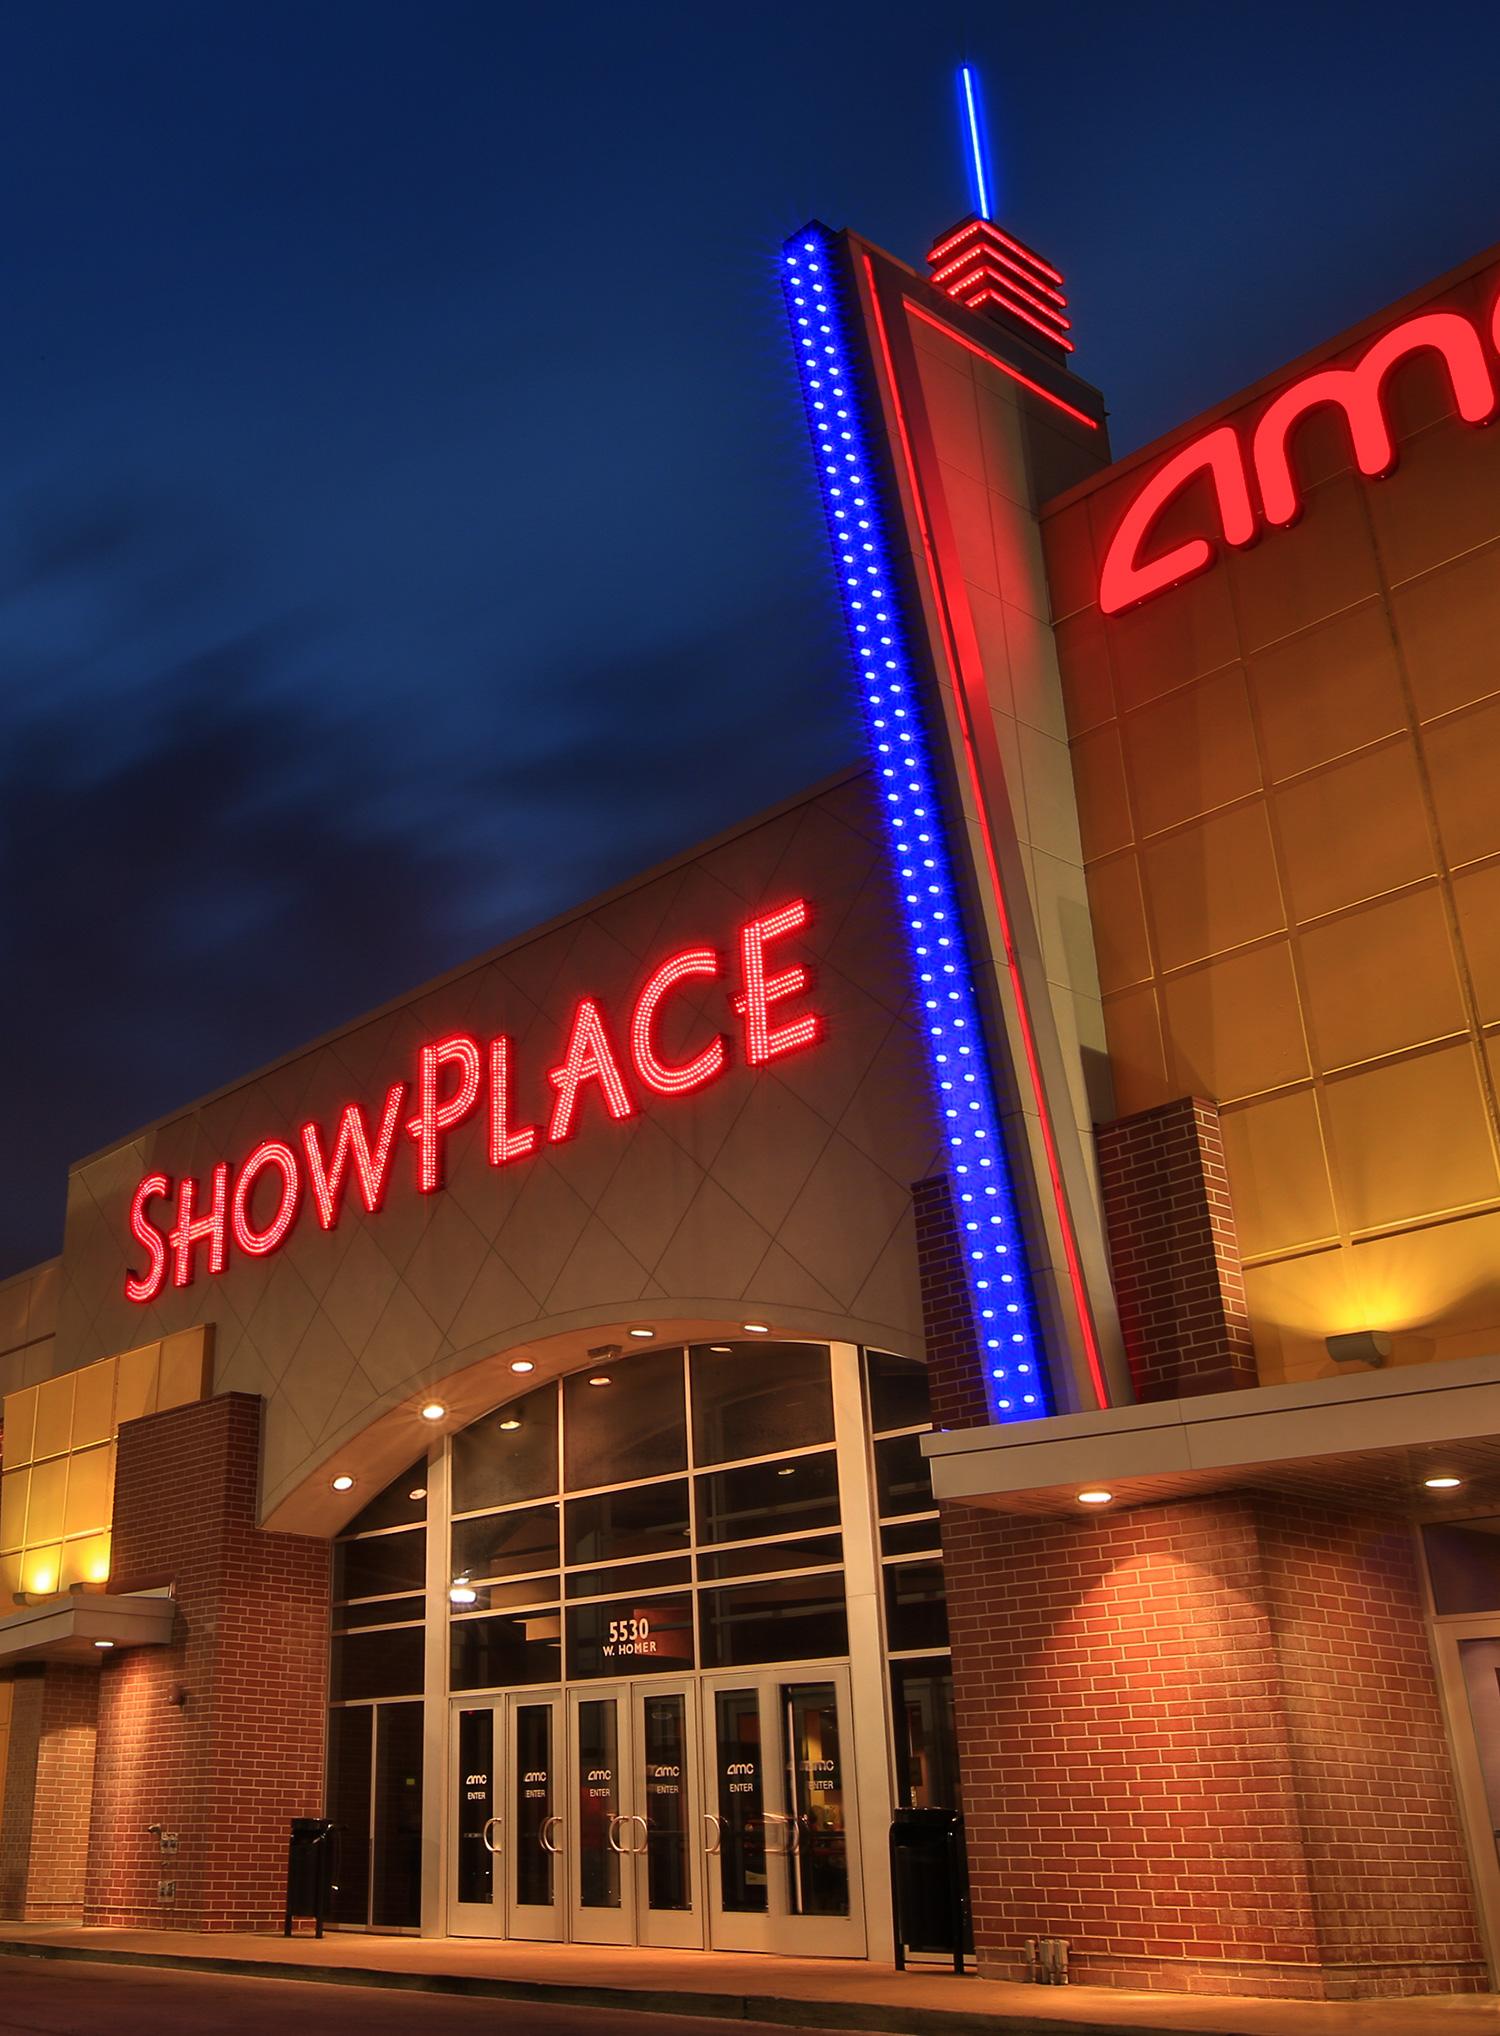 Amc Galewood Crossings 14 Chicago Illinois 60639 Amc Theatres